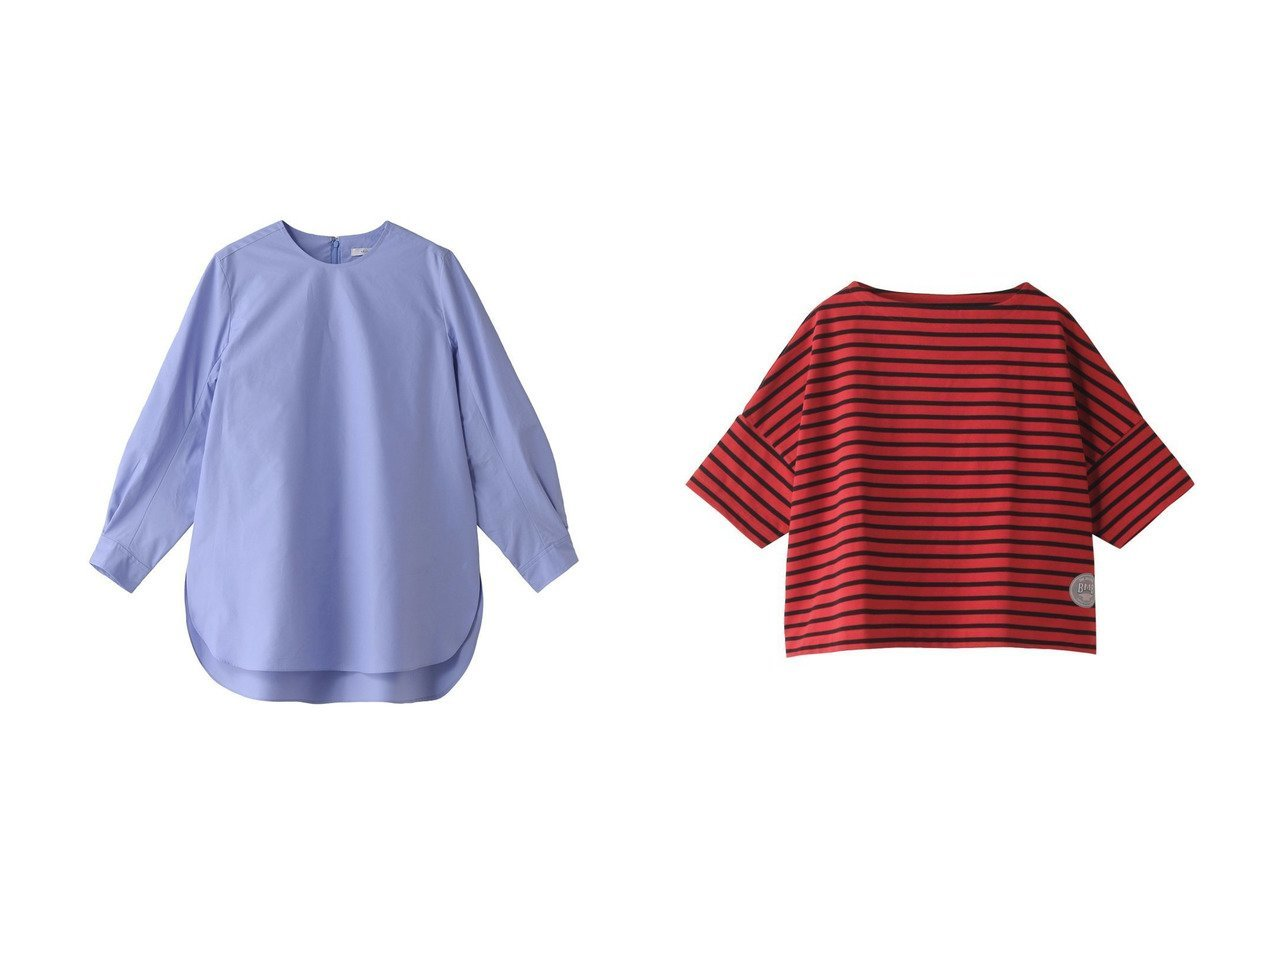 【heliopole/エリオポール】の【Traditional Weatherwear】S Tシャツ&タイプライターバルーンスリーブシャツ トップス・カットソーのおすすめ!人気、トレンド・レディースファッションの通販 おすすめで人気の流行・トレンド、ファッションの通販商品 メンズファッション・キッズファッション・インテリア・家具・レディースファッション・服の通販 founy(ファニー) https://founy.com/ ファッション Fashion レディースファッション WOMEN トップス カットソー Tops Tshirt シャツ/ブラウス Shirts Blouses ロング / Tシャツ T-Shirts カットソー Cut and Sewn 2021年 2021 2021 春夏 S/S SS Spring/Summer 2021 S/S 春夏 SS Spring/Summer おすすめ Recommend シンプル スリーブ セットアップ タイプライター バルーン ロング 春 Spring |ID:crp329100000024835